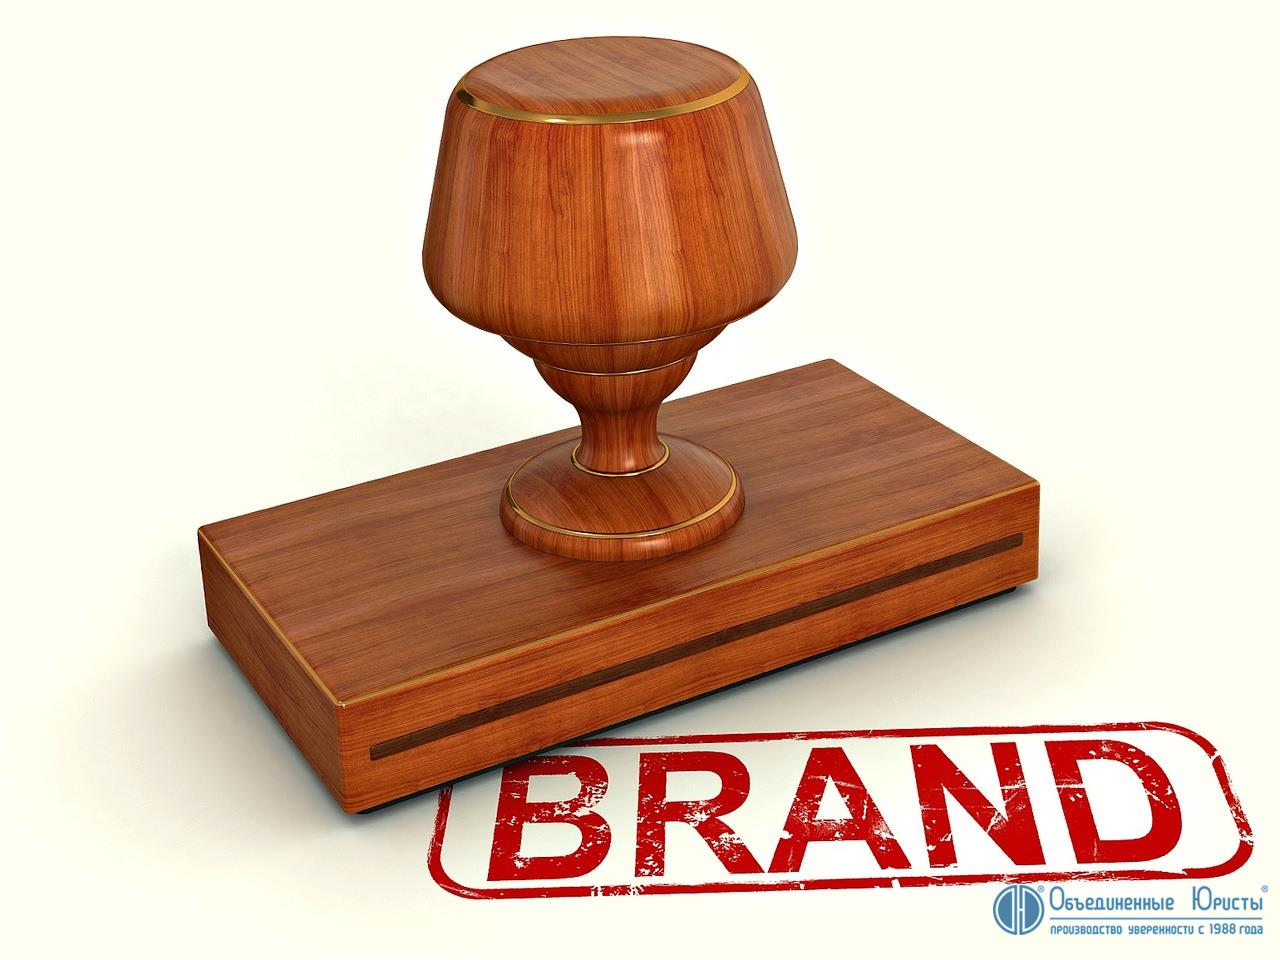 Регистрация товарного знака, оформление патента, защита товарного знака, товарный знак, стоимость, как, где | Объединенные Юристы